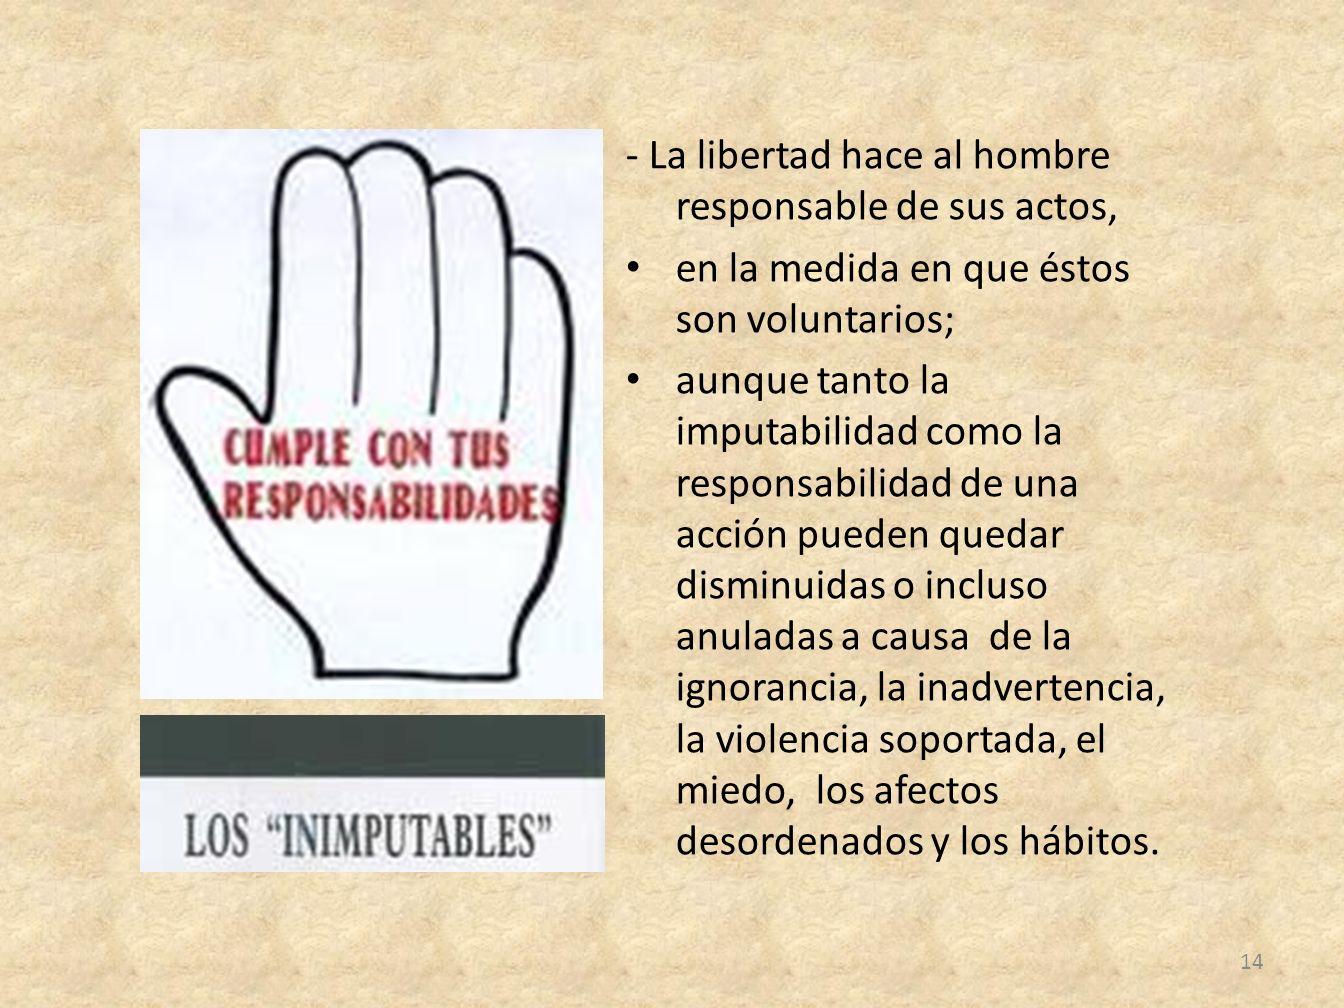 - La libertad hace al hombre responsable de sus actos, en la medida en que éstos son voluntarios; aunque tanto la imputabilidad como la responsabilida